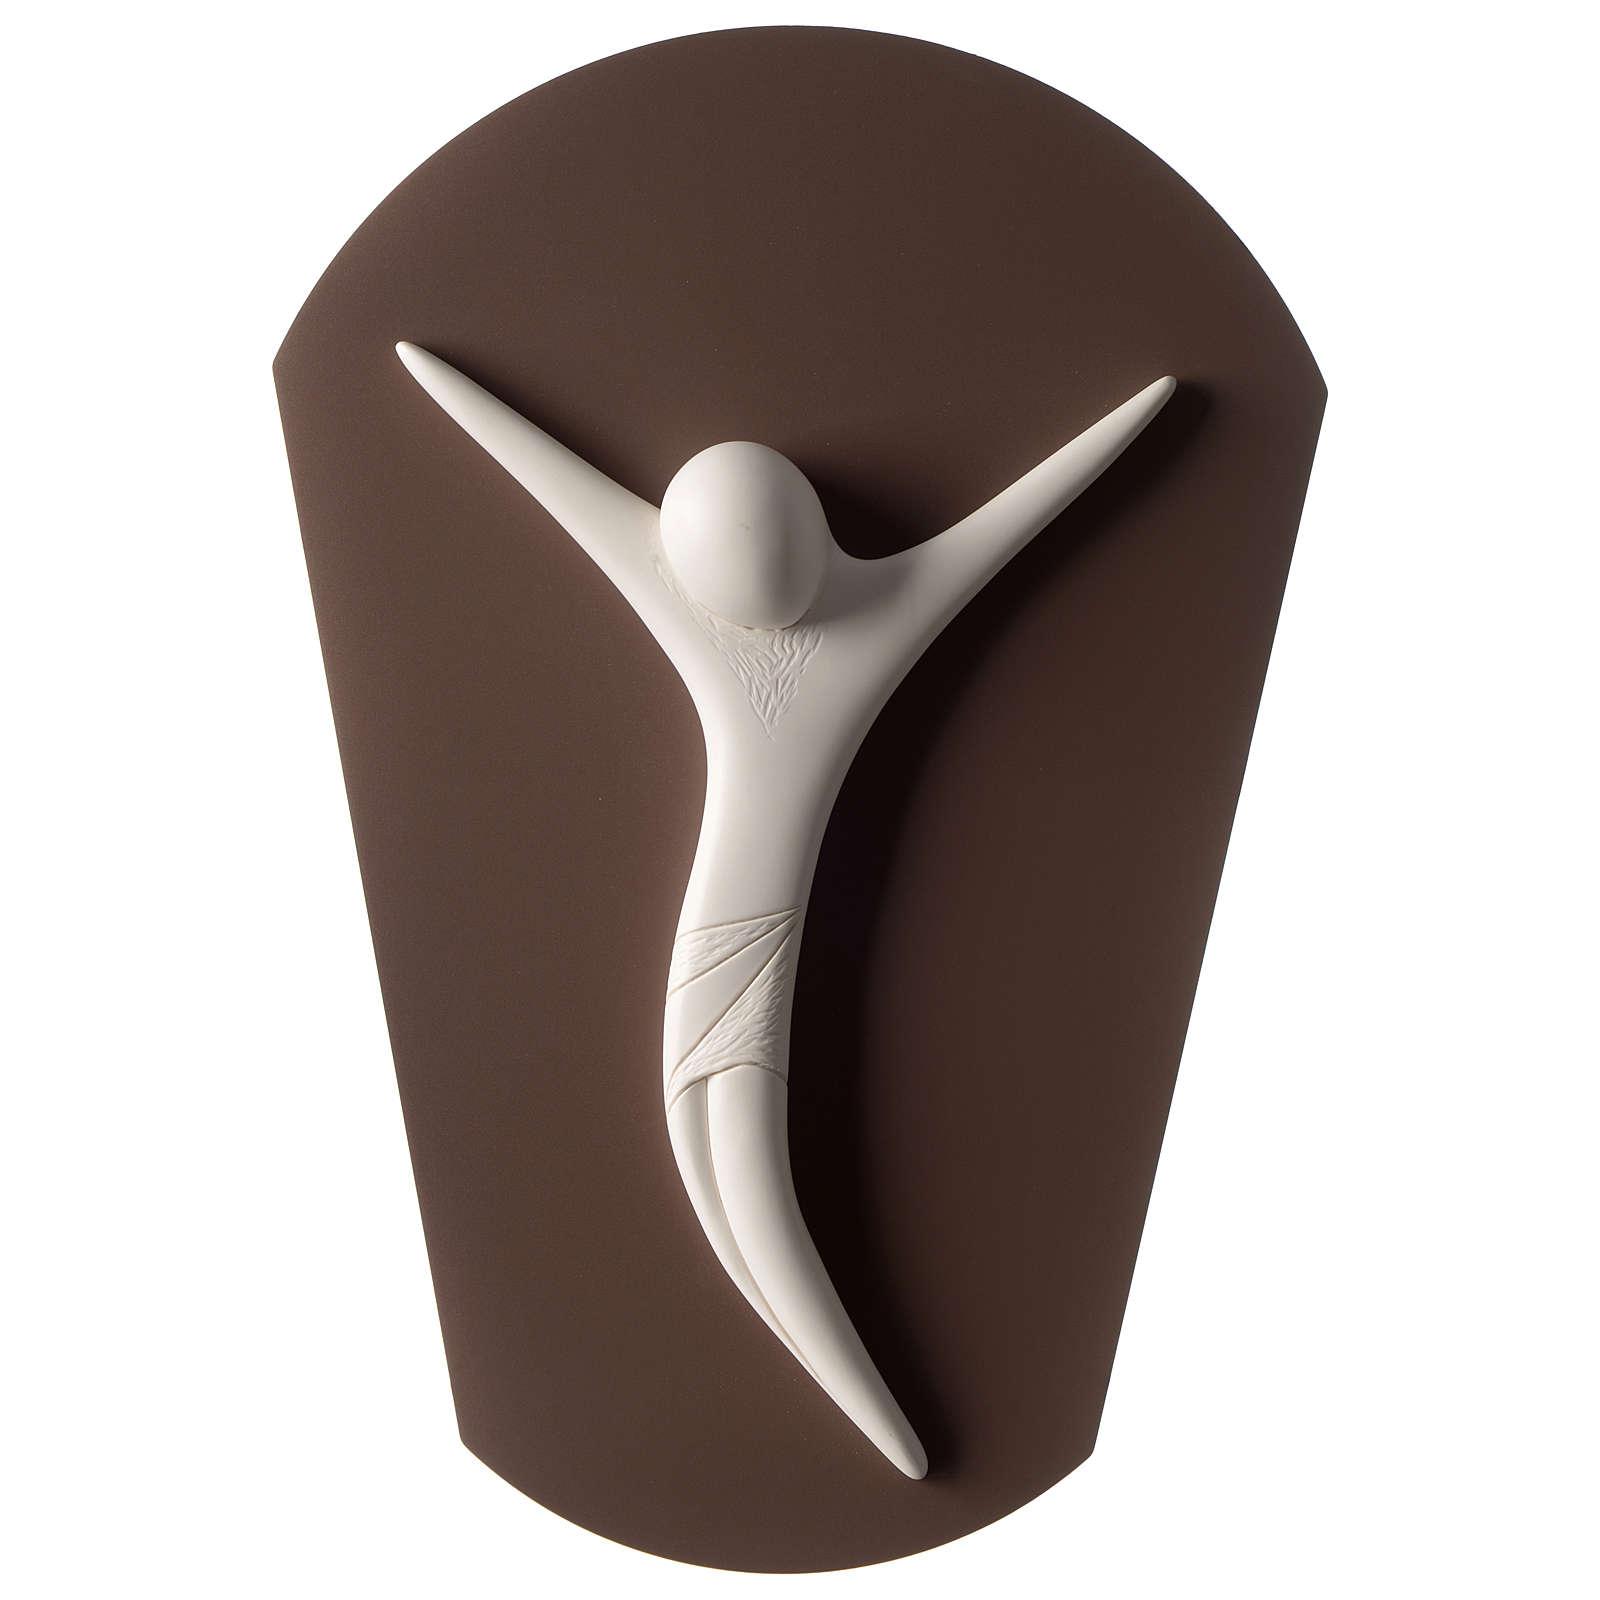 Crocefisso corpo stilizzato resina bianca 45 cm 3